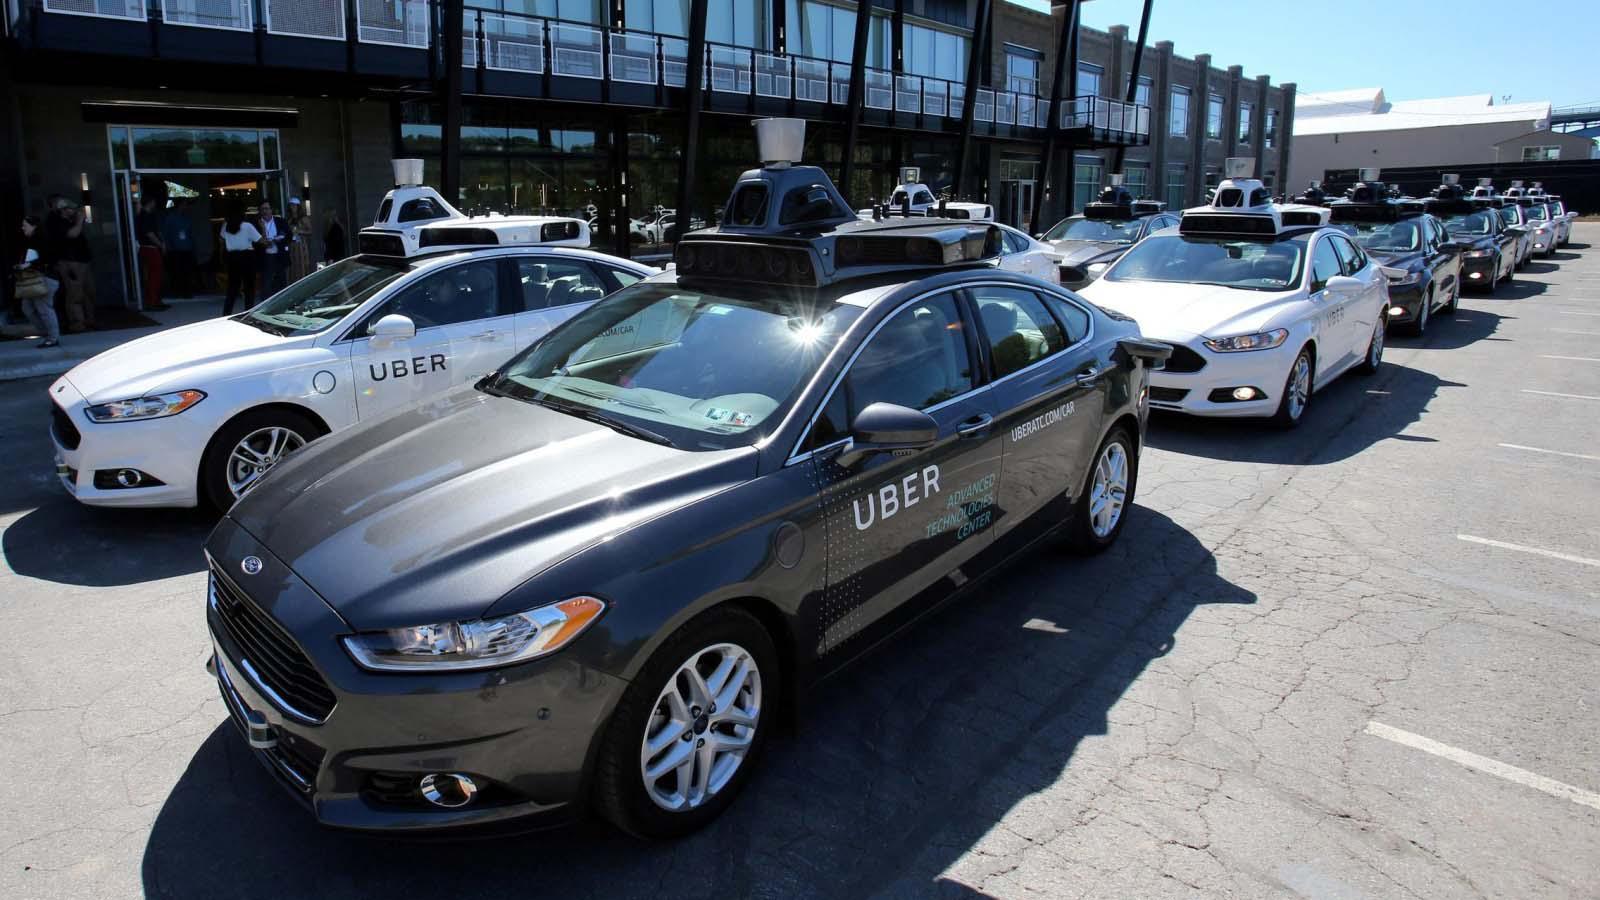 غوغل تتهم أوبر بسرقة تقنيتها للسيارات الذاتية القيادة